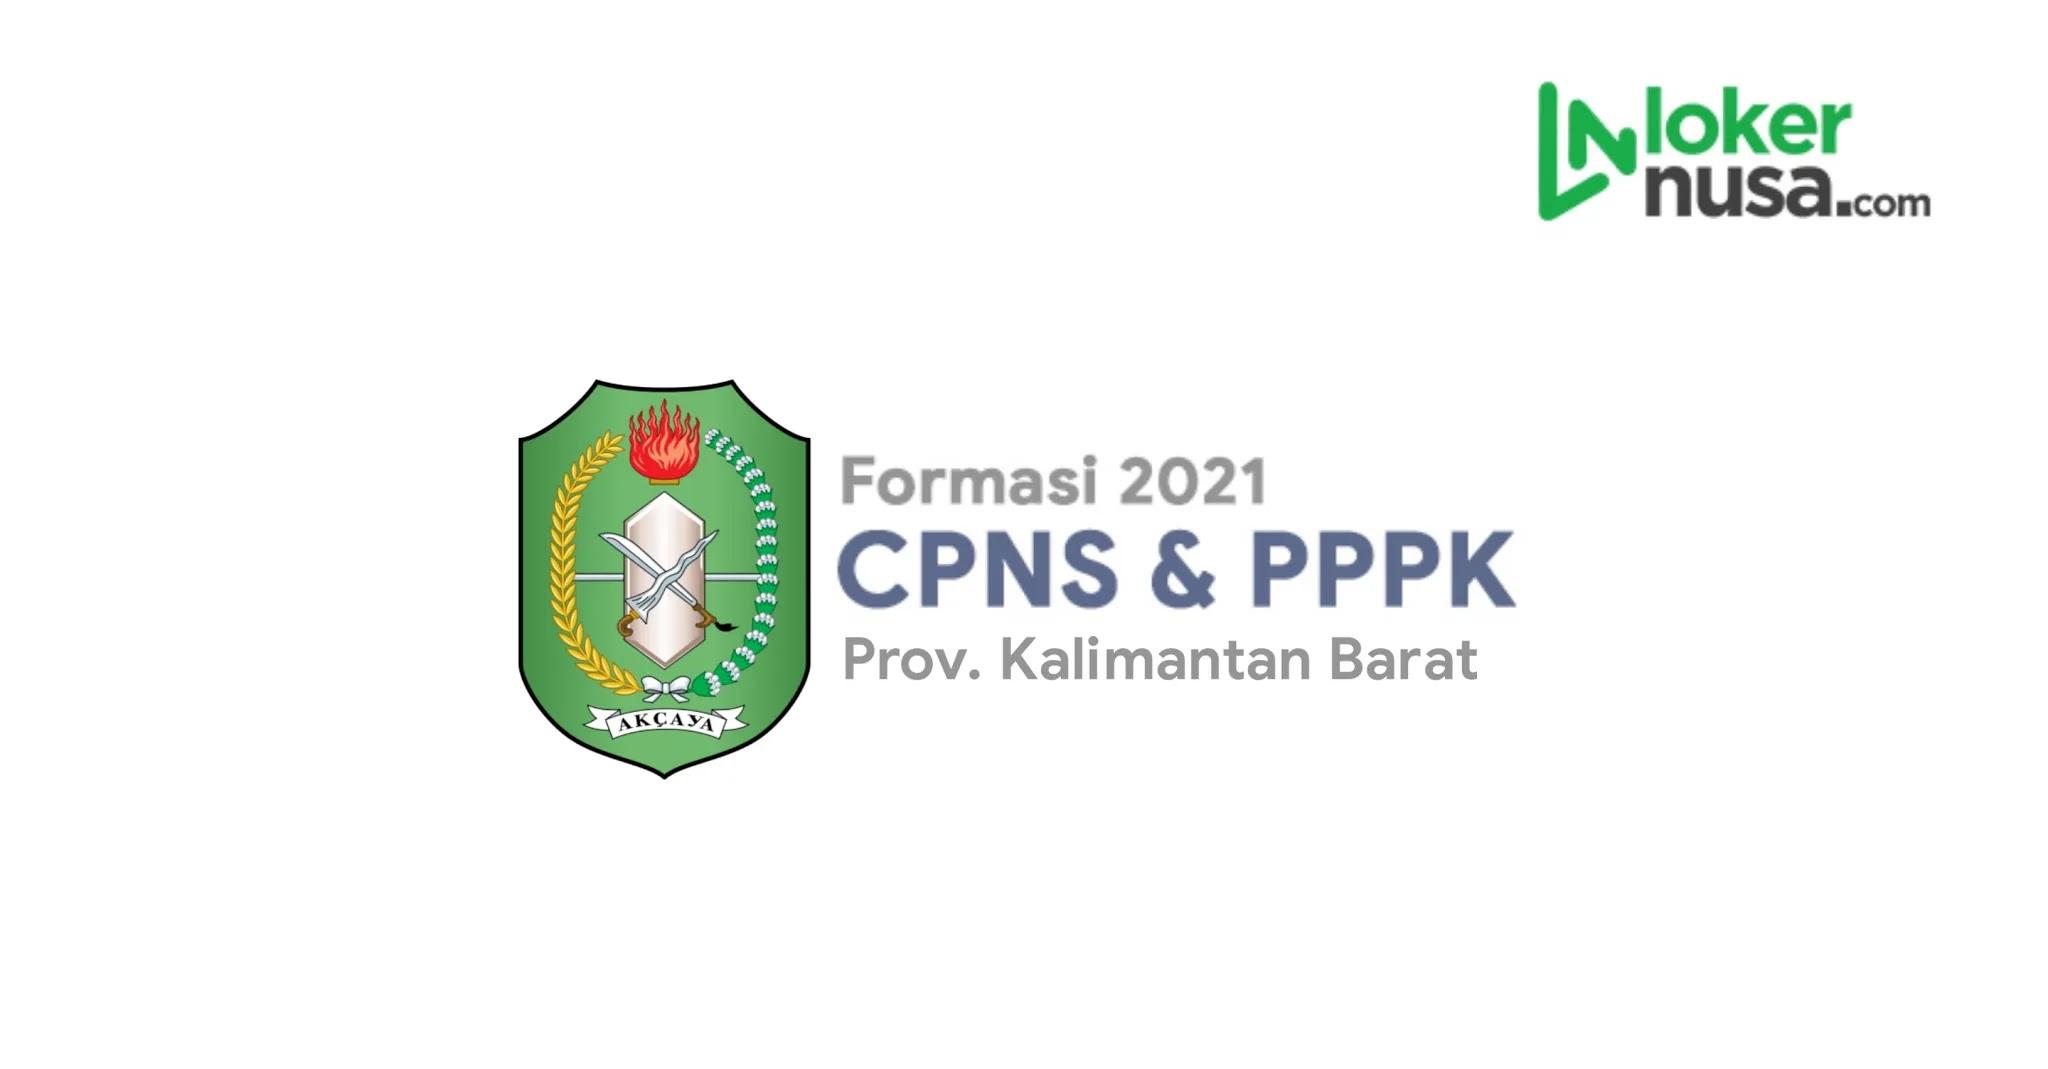 CPNS Kalimantan Barat